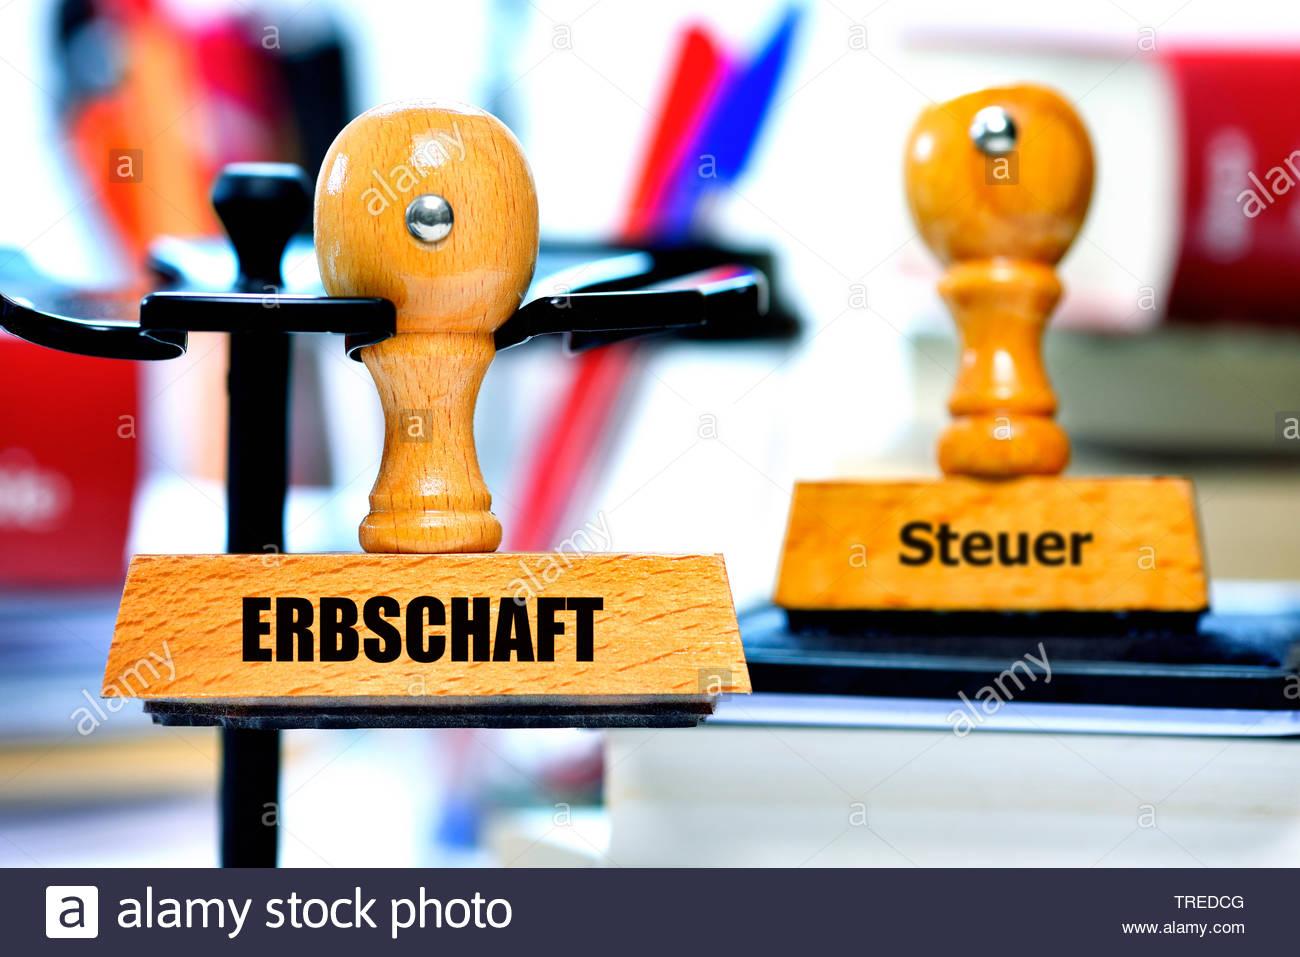 Stempel mit Aufschrift ERBSCHAFT und STEUER, Bundesrepublik Deutschland | Stamps lettering ERBSCHAFT (inheritance) and STEUER (tax), Bundesrepublik De - Stock Image